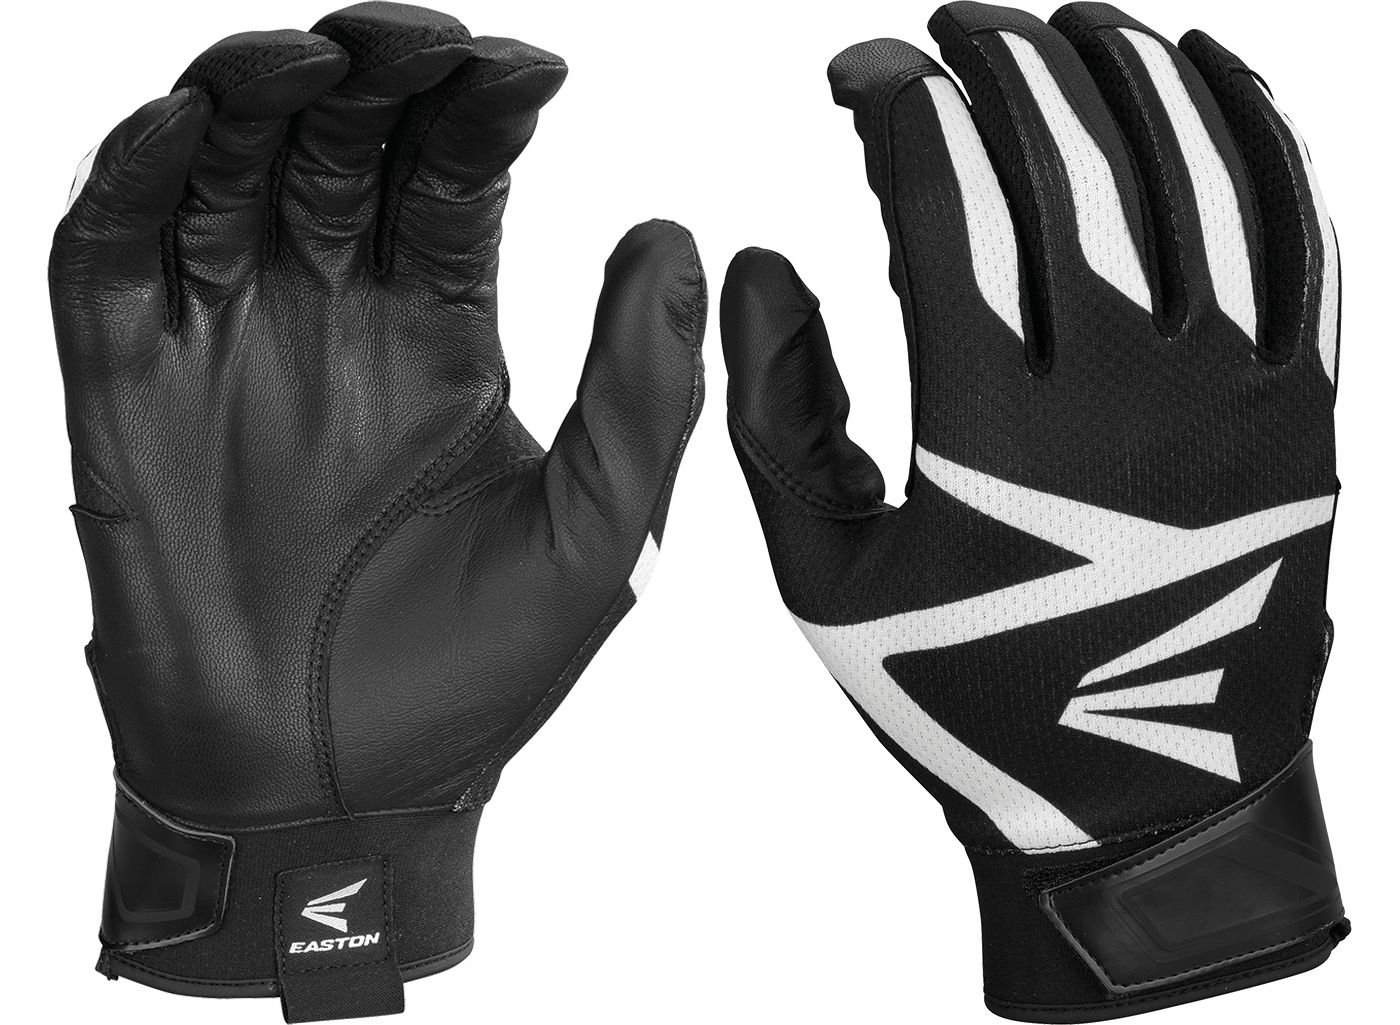 Easton Adult Z3 Hyperskin Batting Gloves